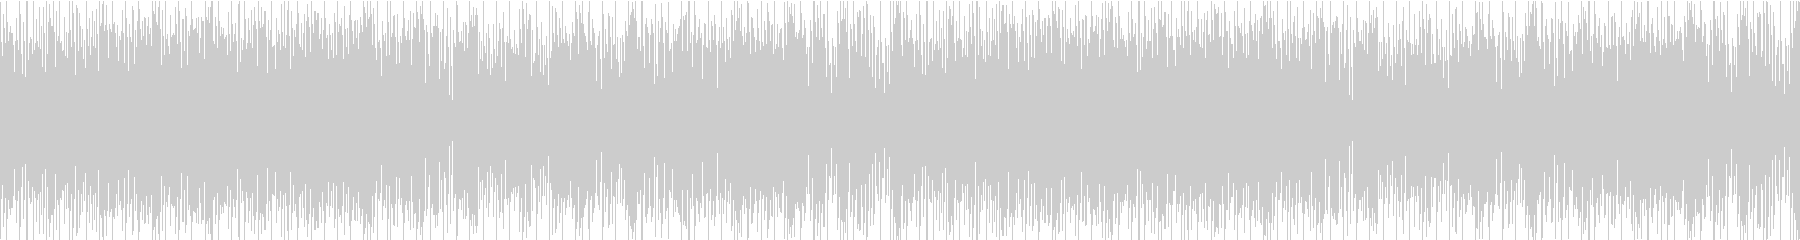 明るく可愛いBGM+ボイス系/ループ可能の未再生の波形